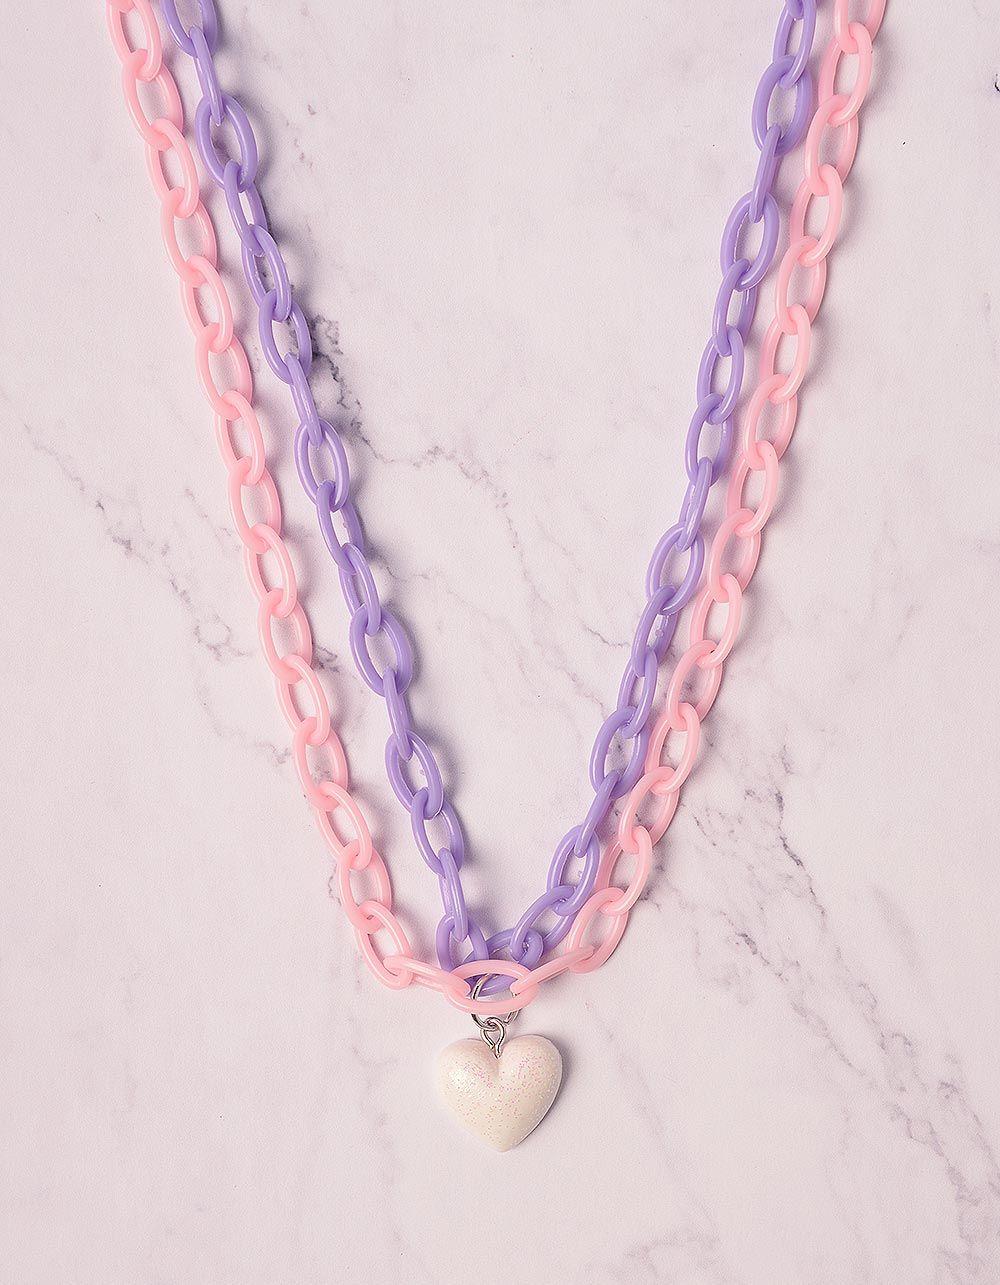 Підвіска із кольорових ланцюжків з серцем | 240125-21-XX